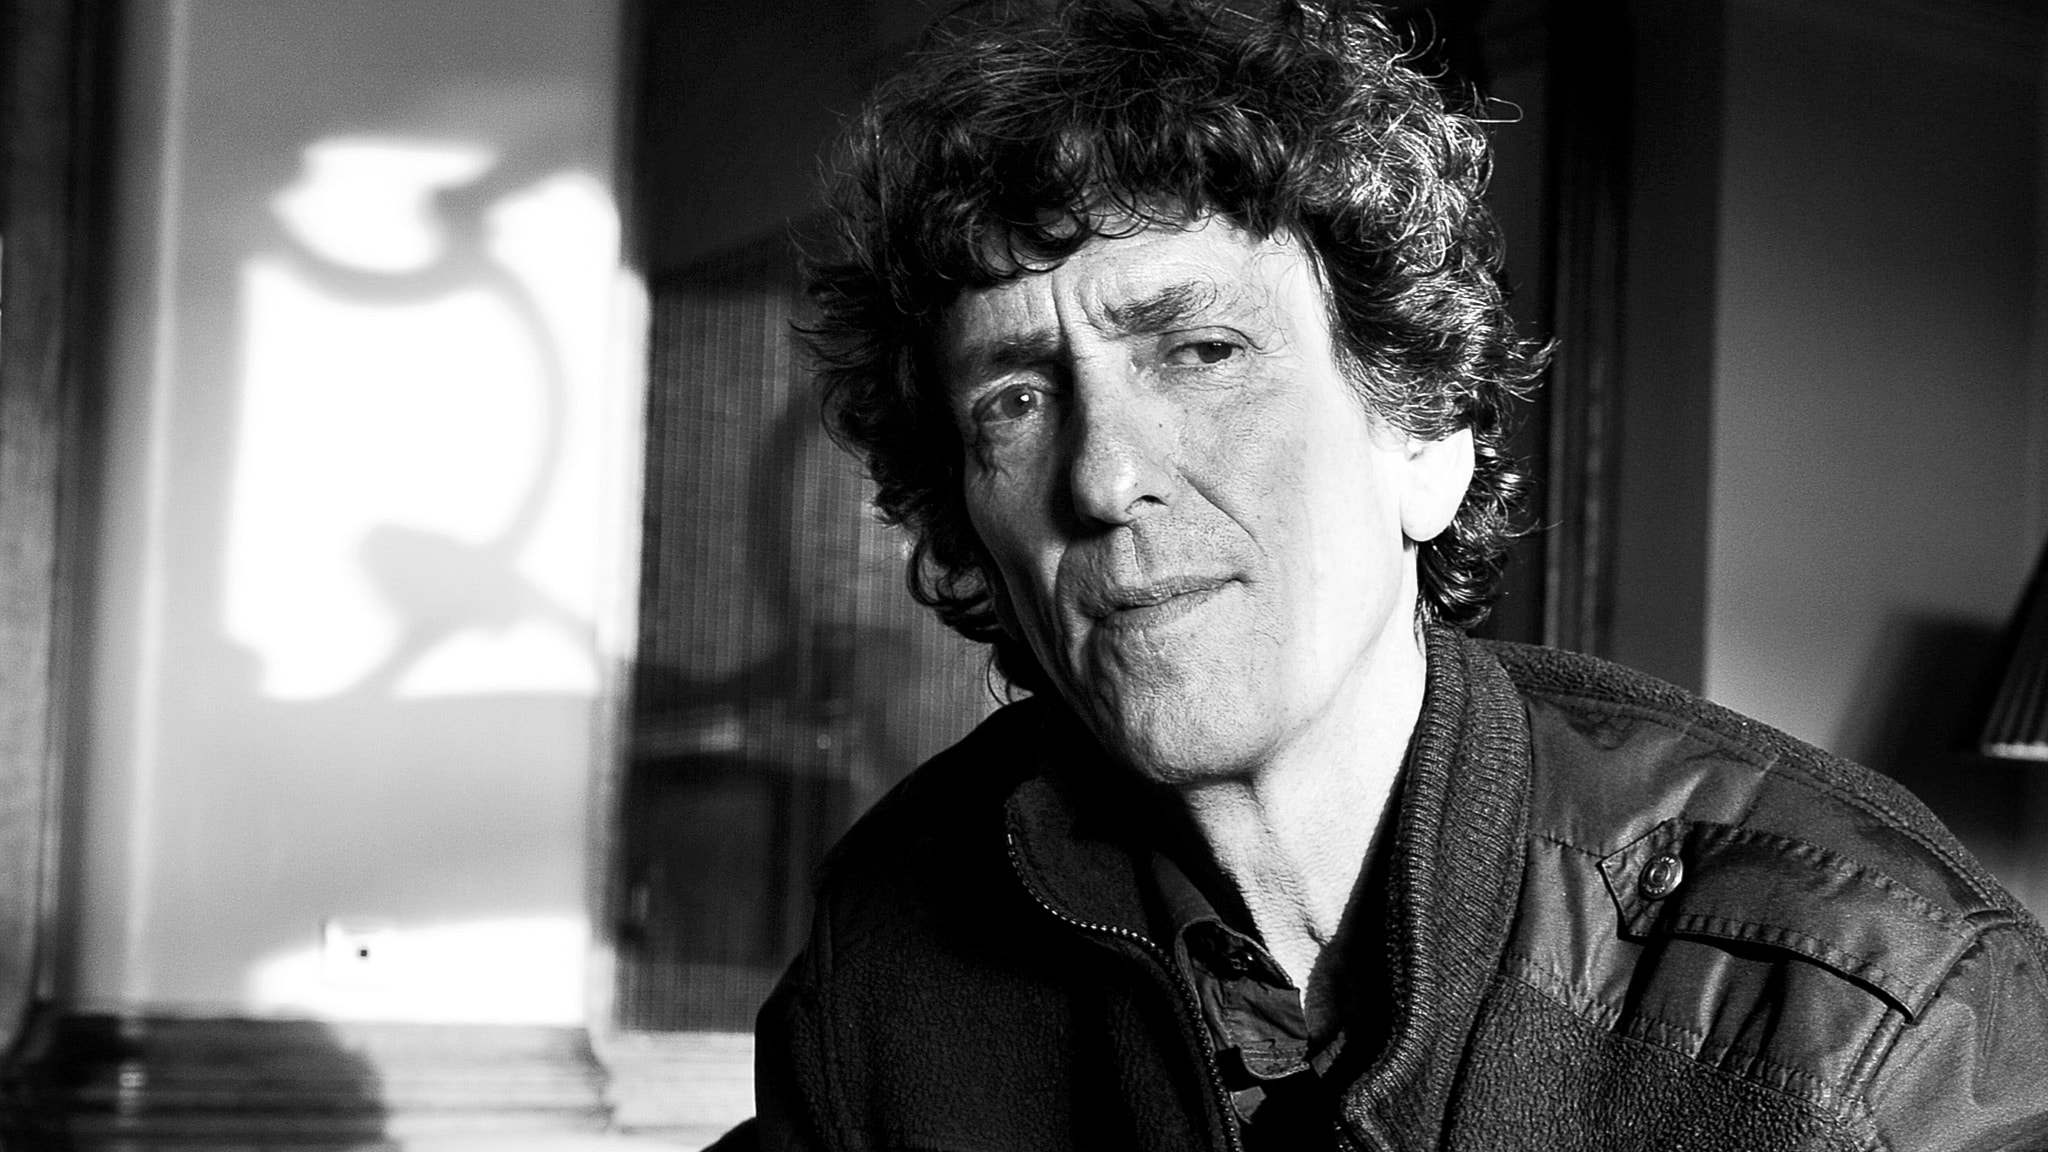 KONSERT: Till minne av Jacques Werup – musikern, författaren och poeten